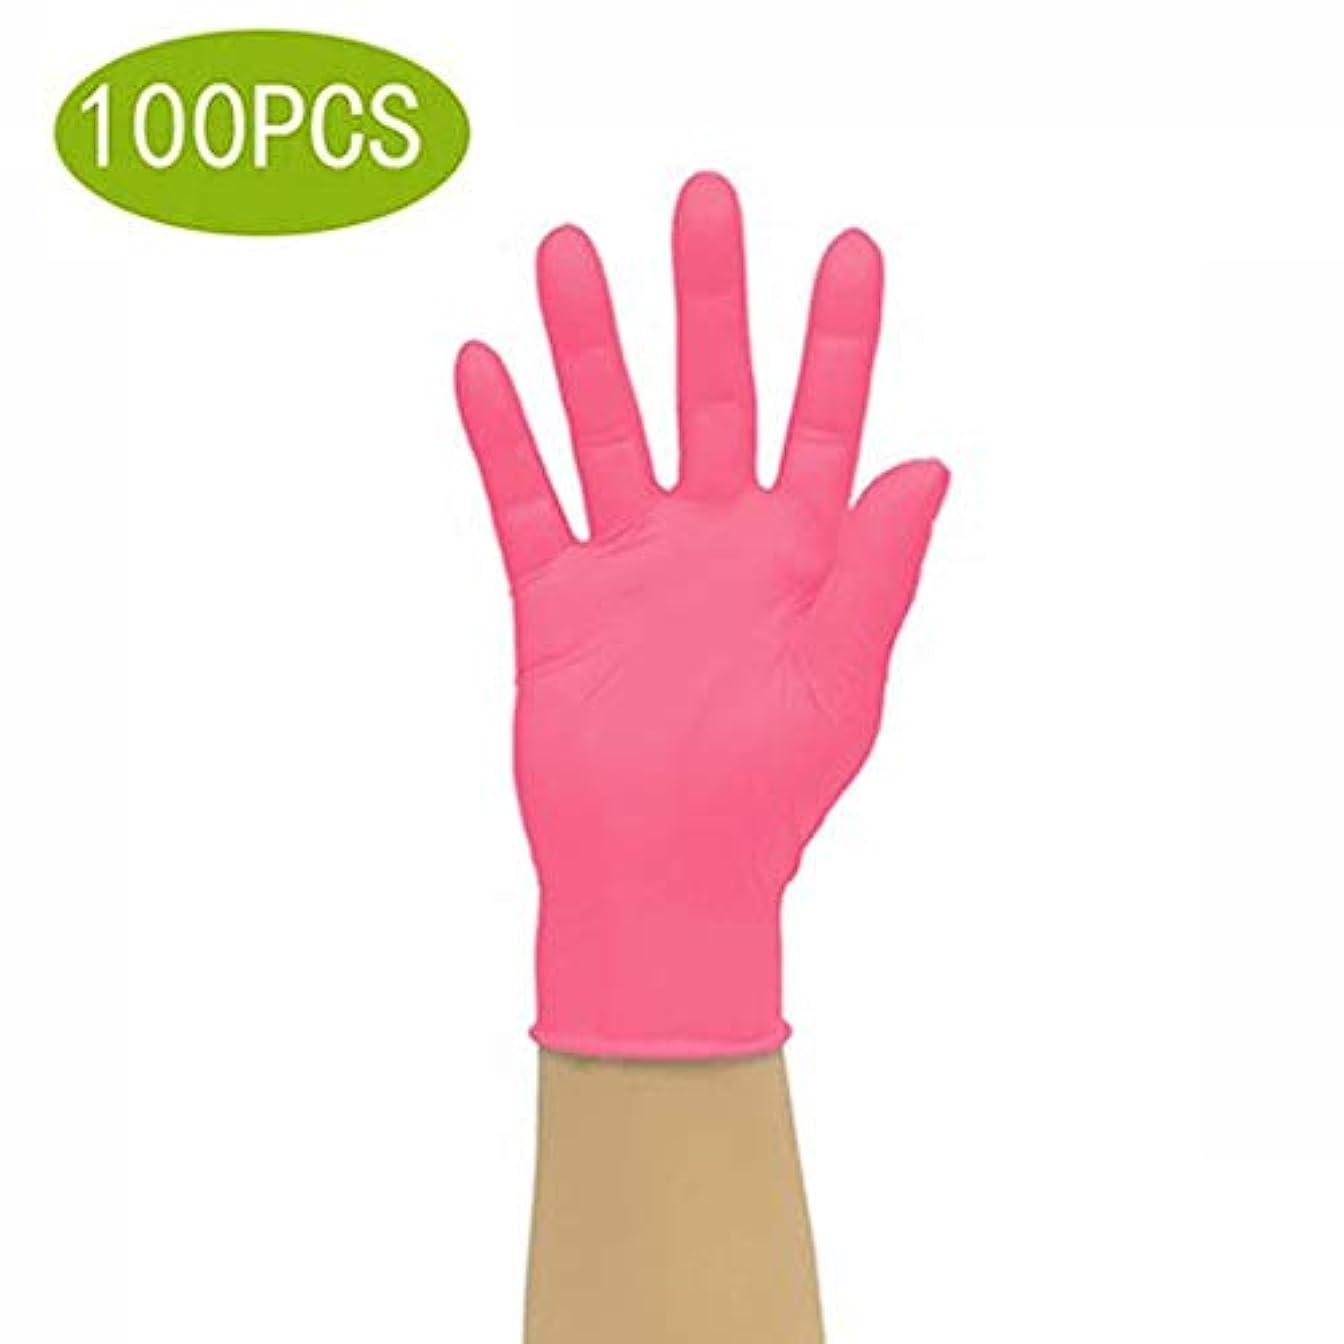 粘性の緩やかなプロペラ使い捨てニトリル手袋 - パウダーフリー、ゴムラテックスフリー、メディカル試験グレード、無菌、両性 - (1パック、100カウント) (Size : M)